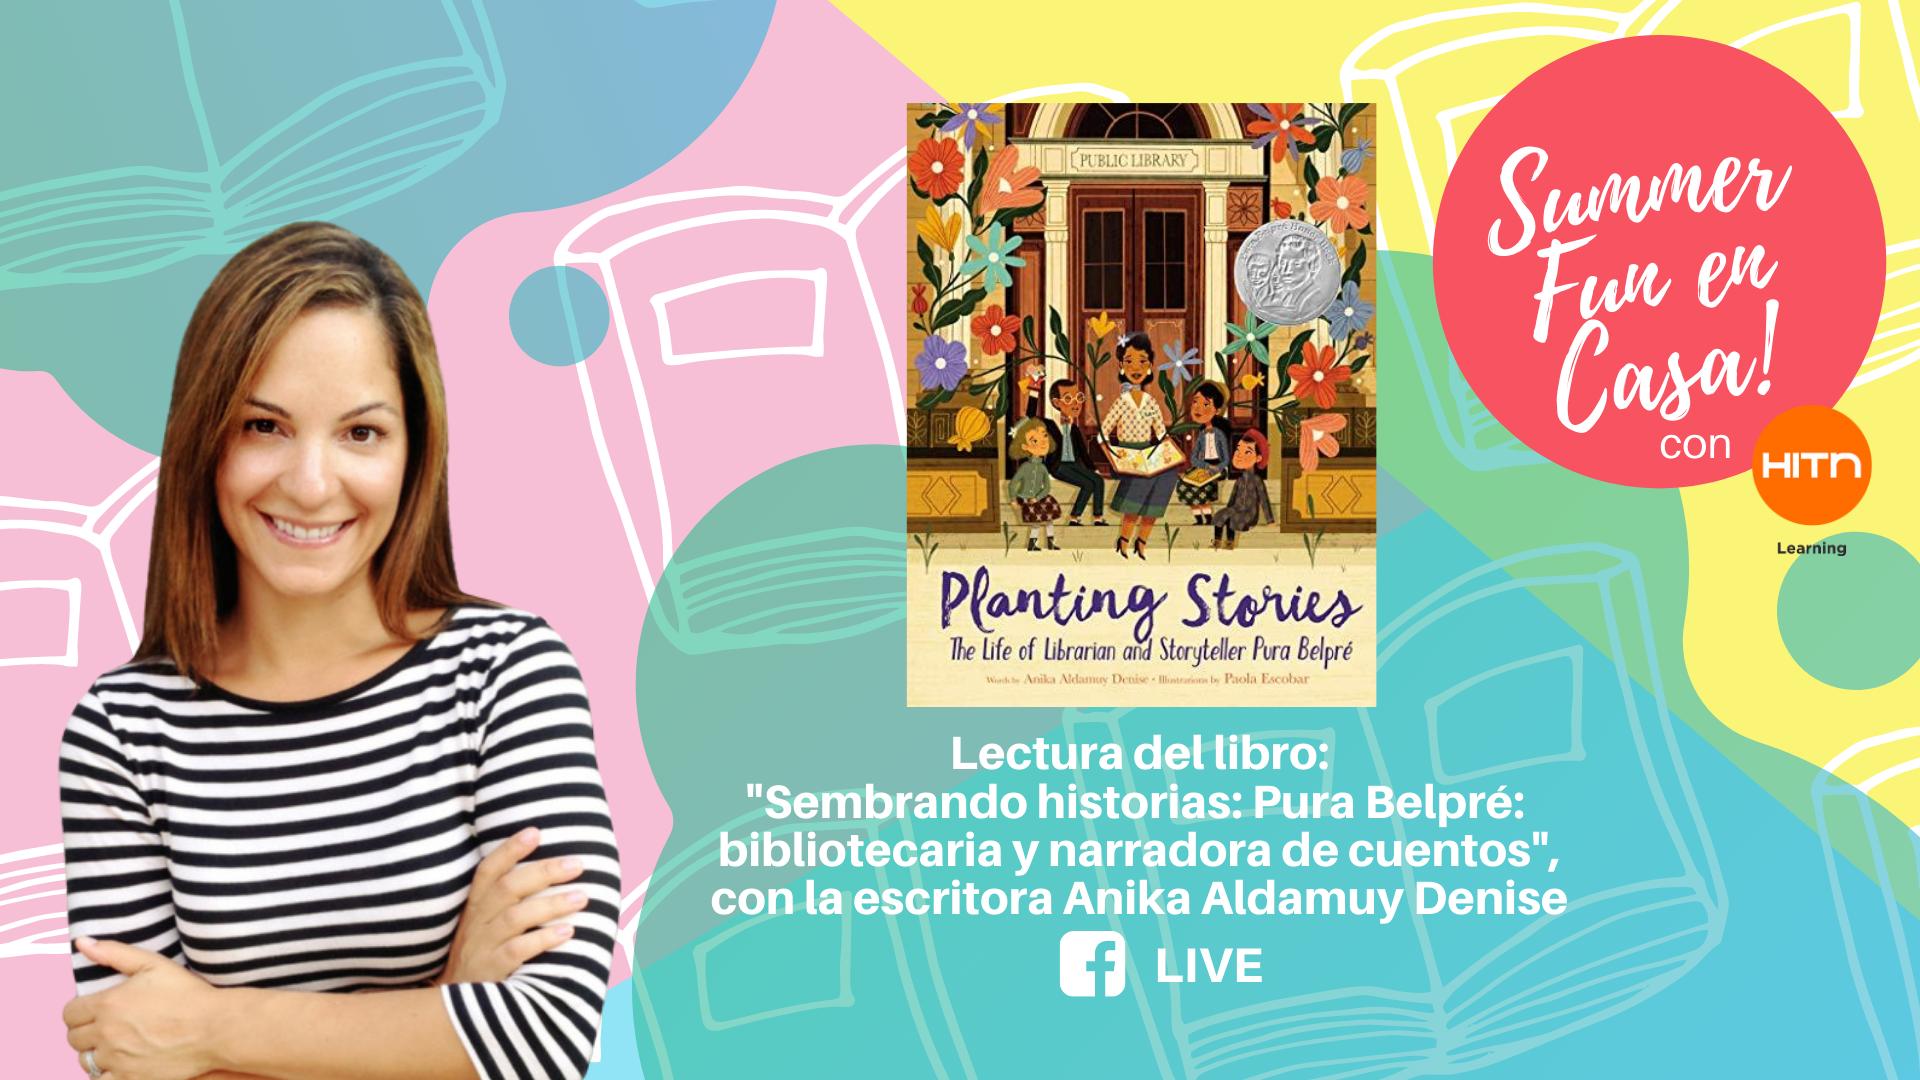 """Lectura: """"Sembrando historias: Pura Belpré: bibliotecaria y narradora de cuentos"""" con la autora del libro, Anika Aldamuy Denise"""